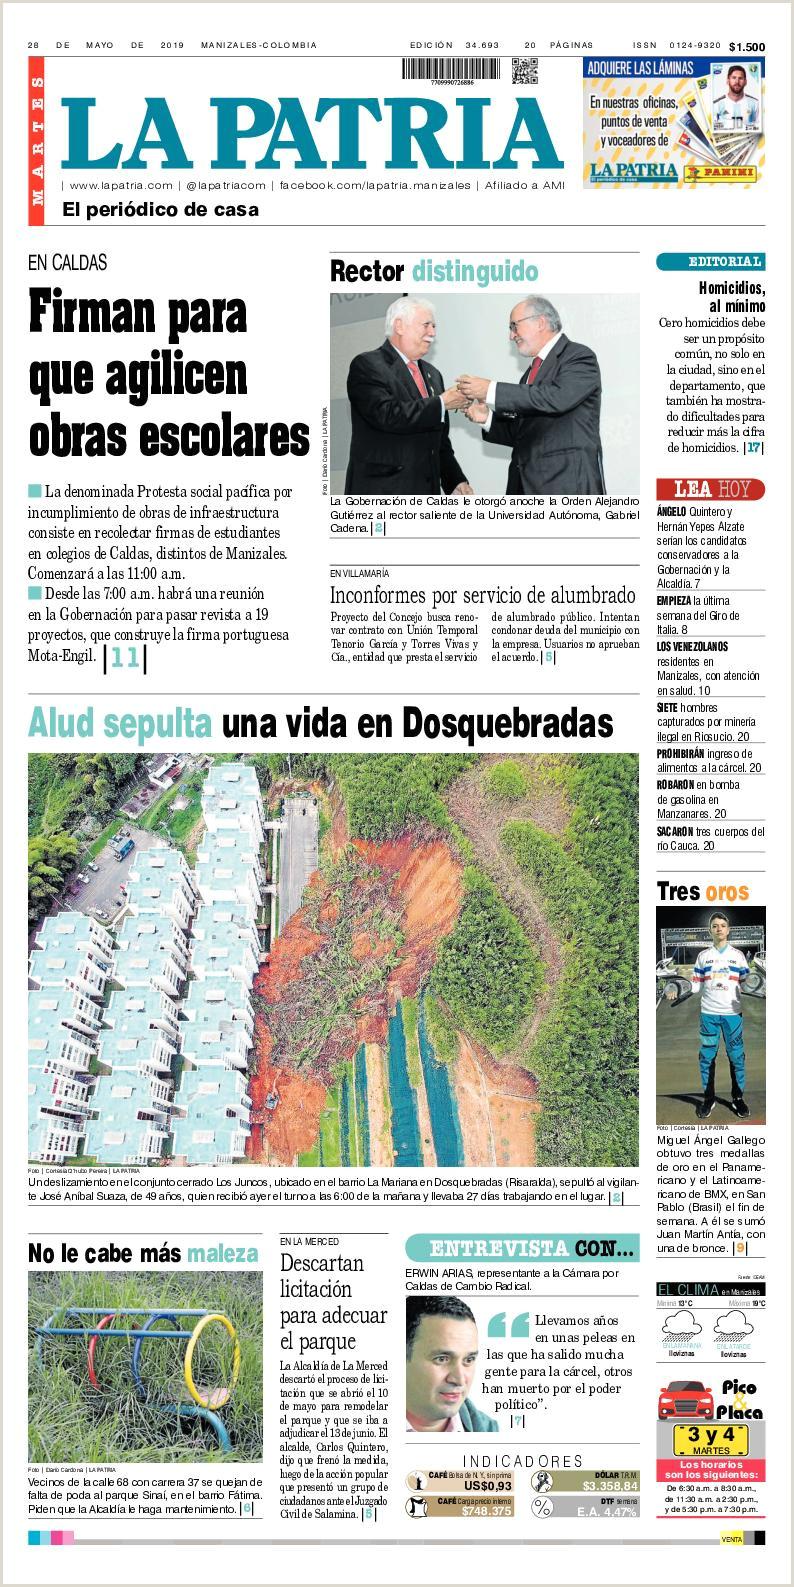 Formato Hoja De Vida Acnur Calaméo Lapatria 28 05 2019